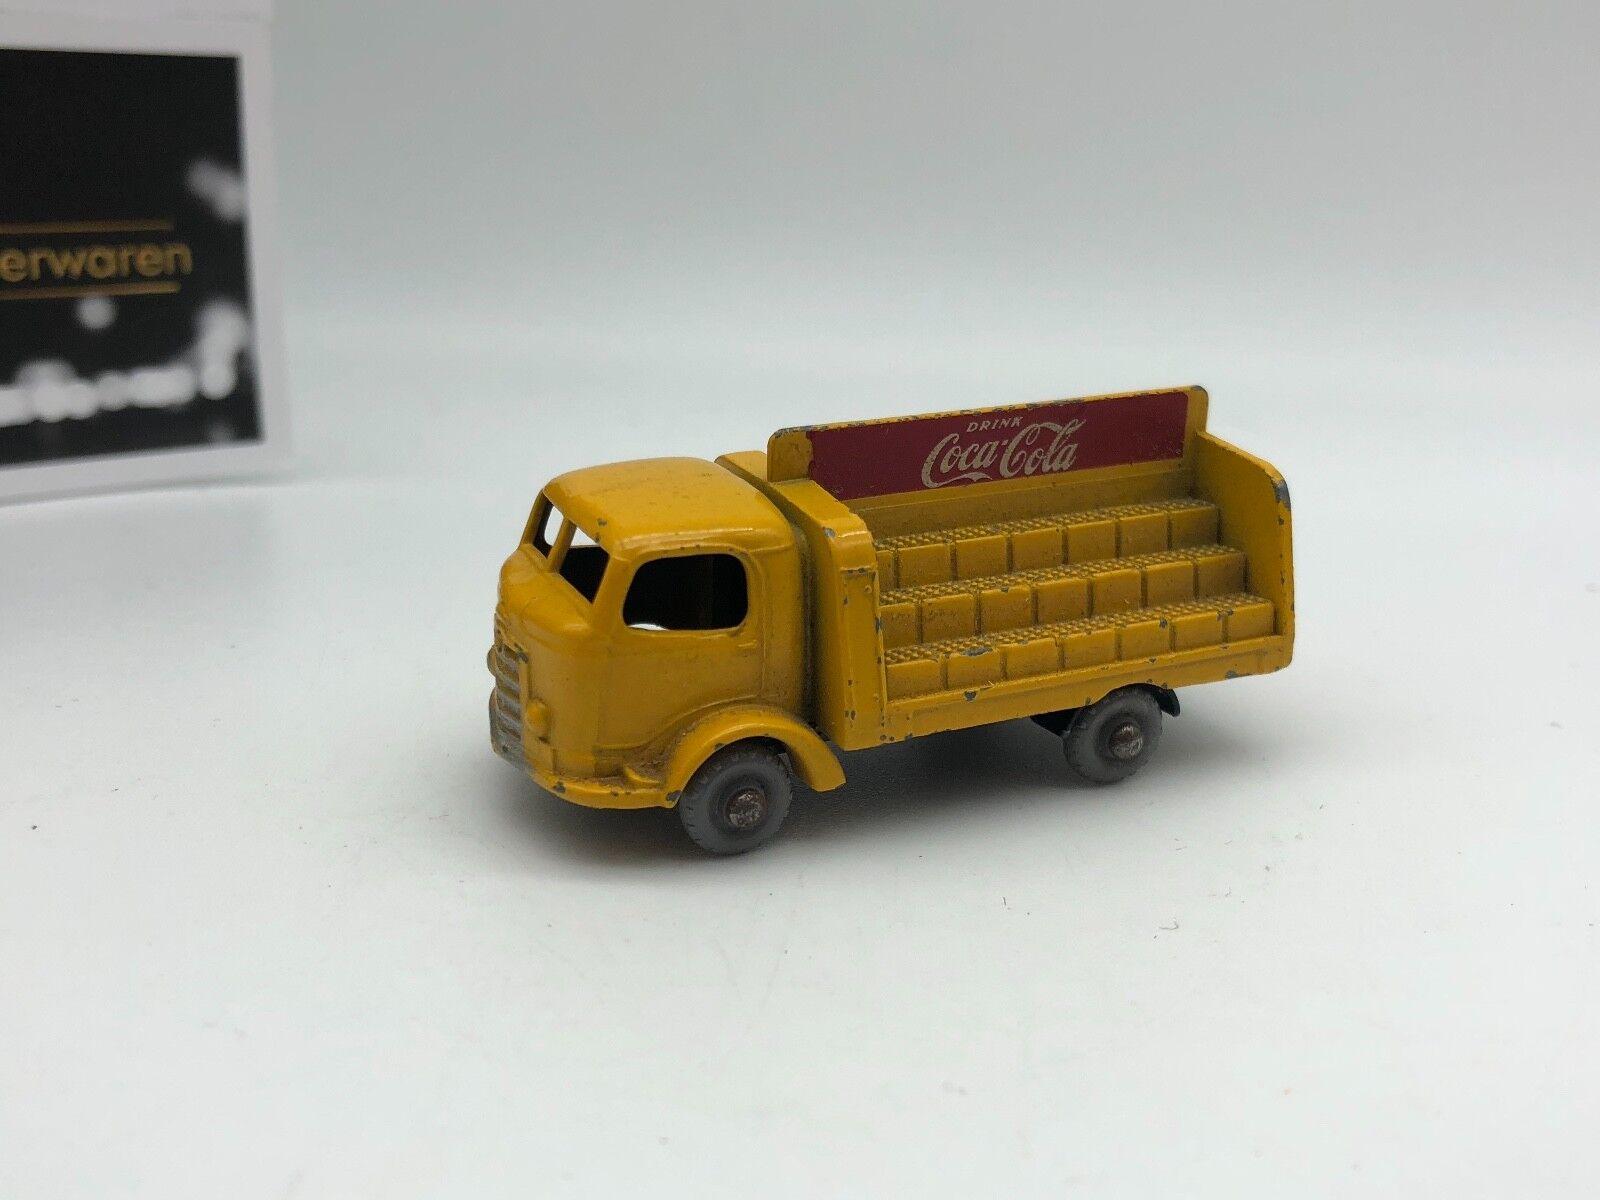 Modellauto 6 cm lang. Siehe Foto